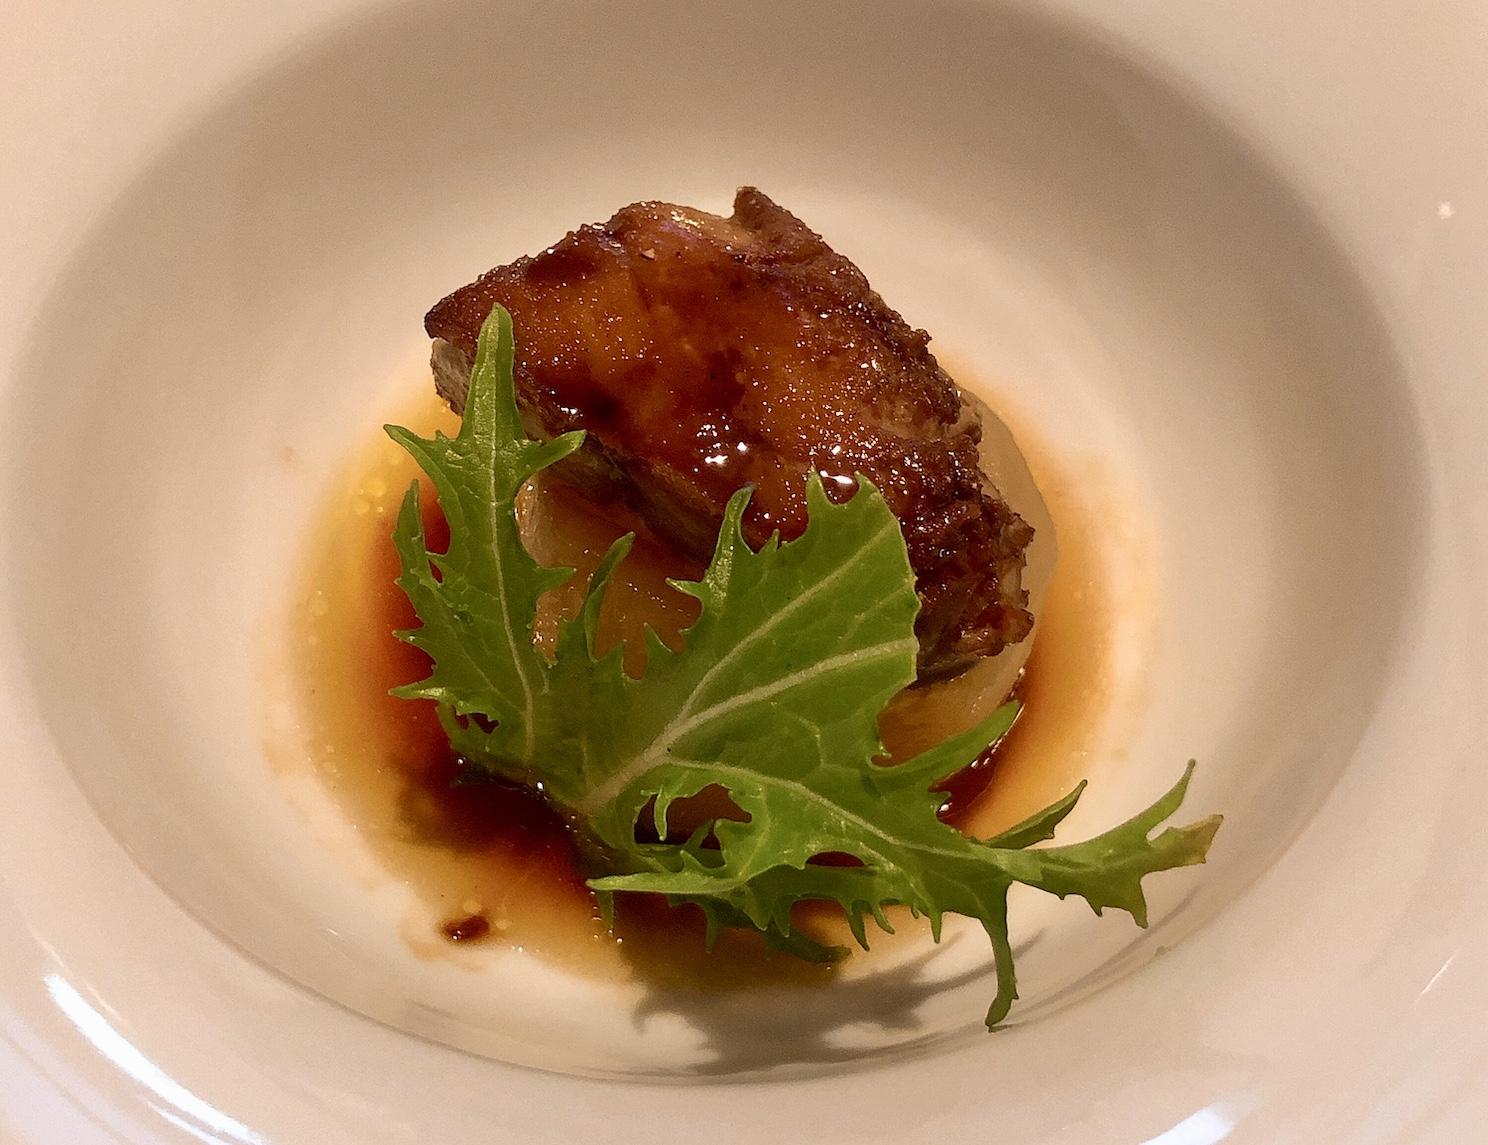 徳重|あたたかなおもてなしと繊細な料理が楽しめるフレンチレストラン